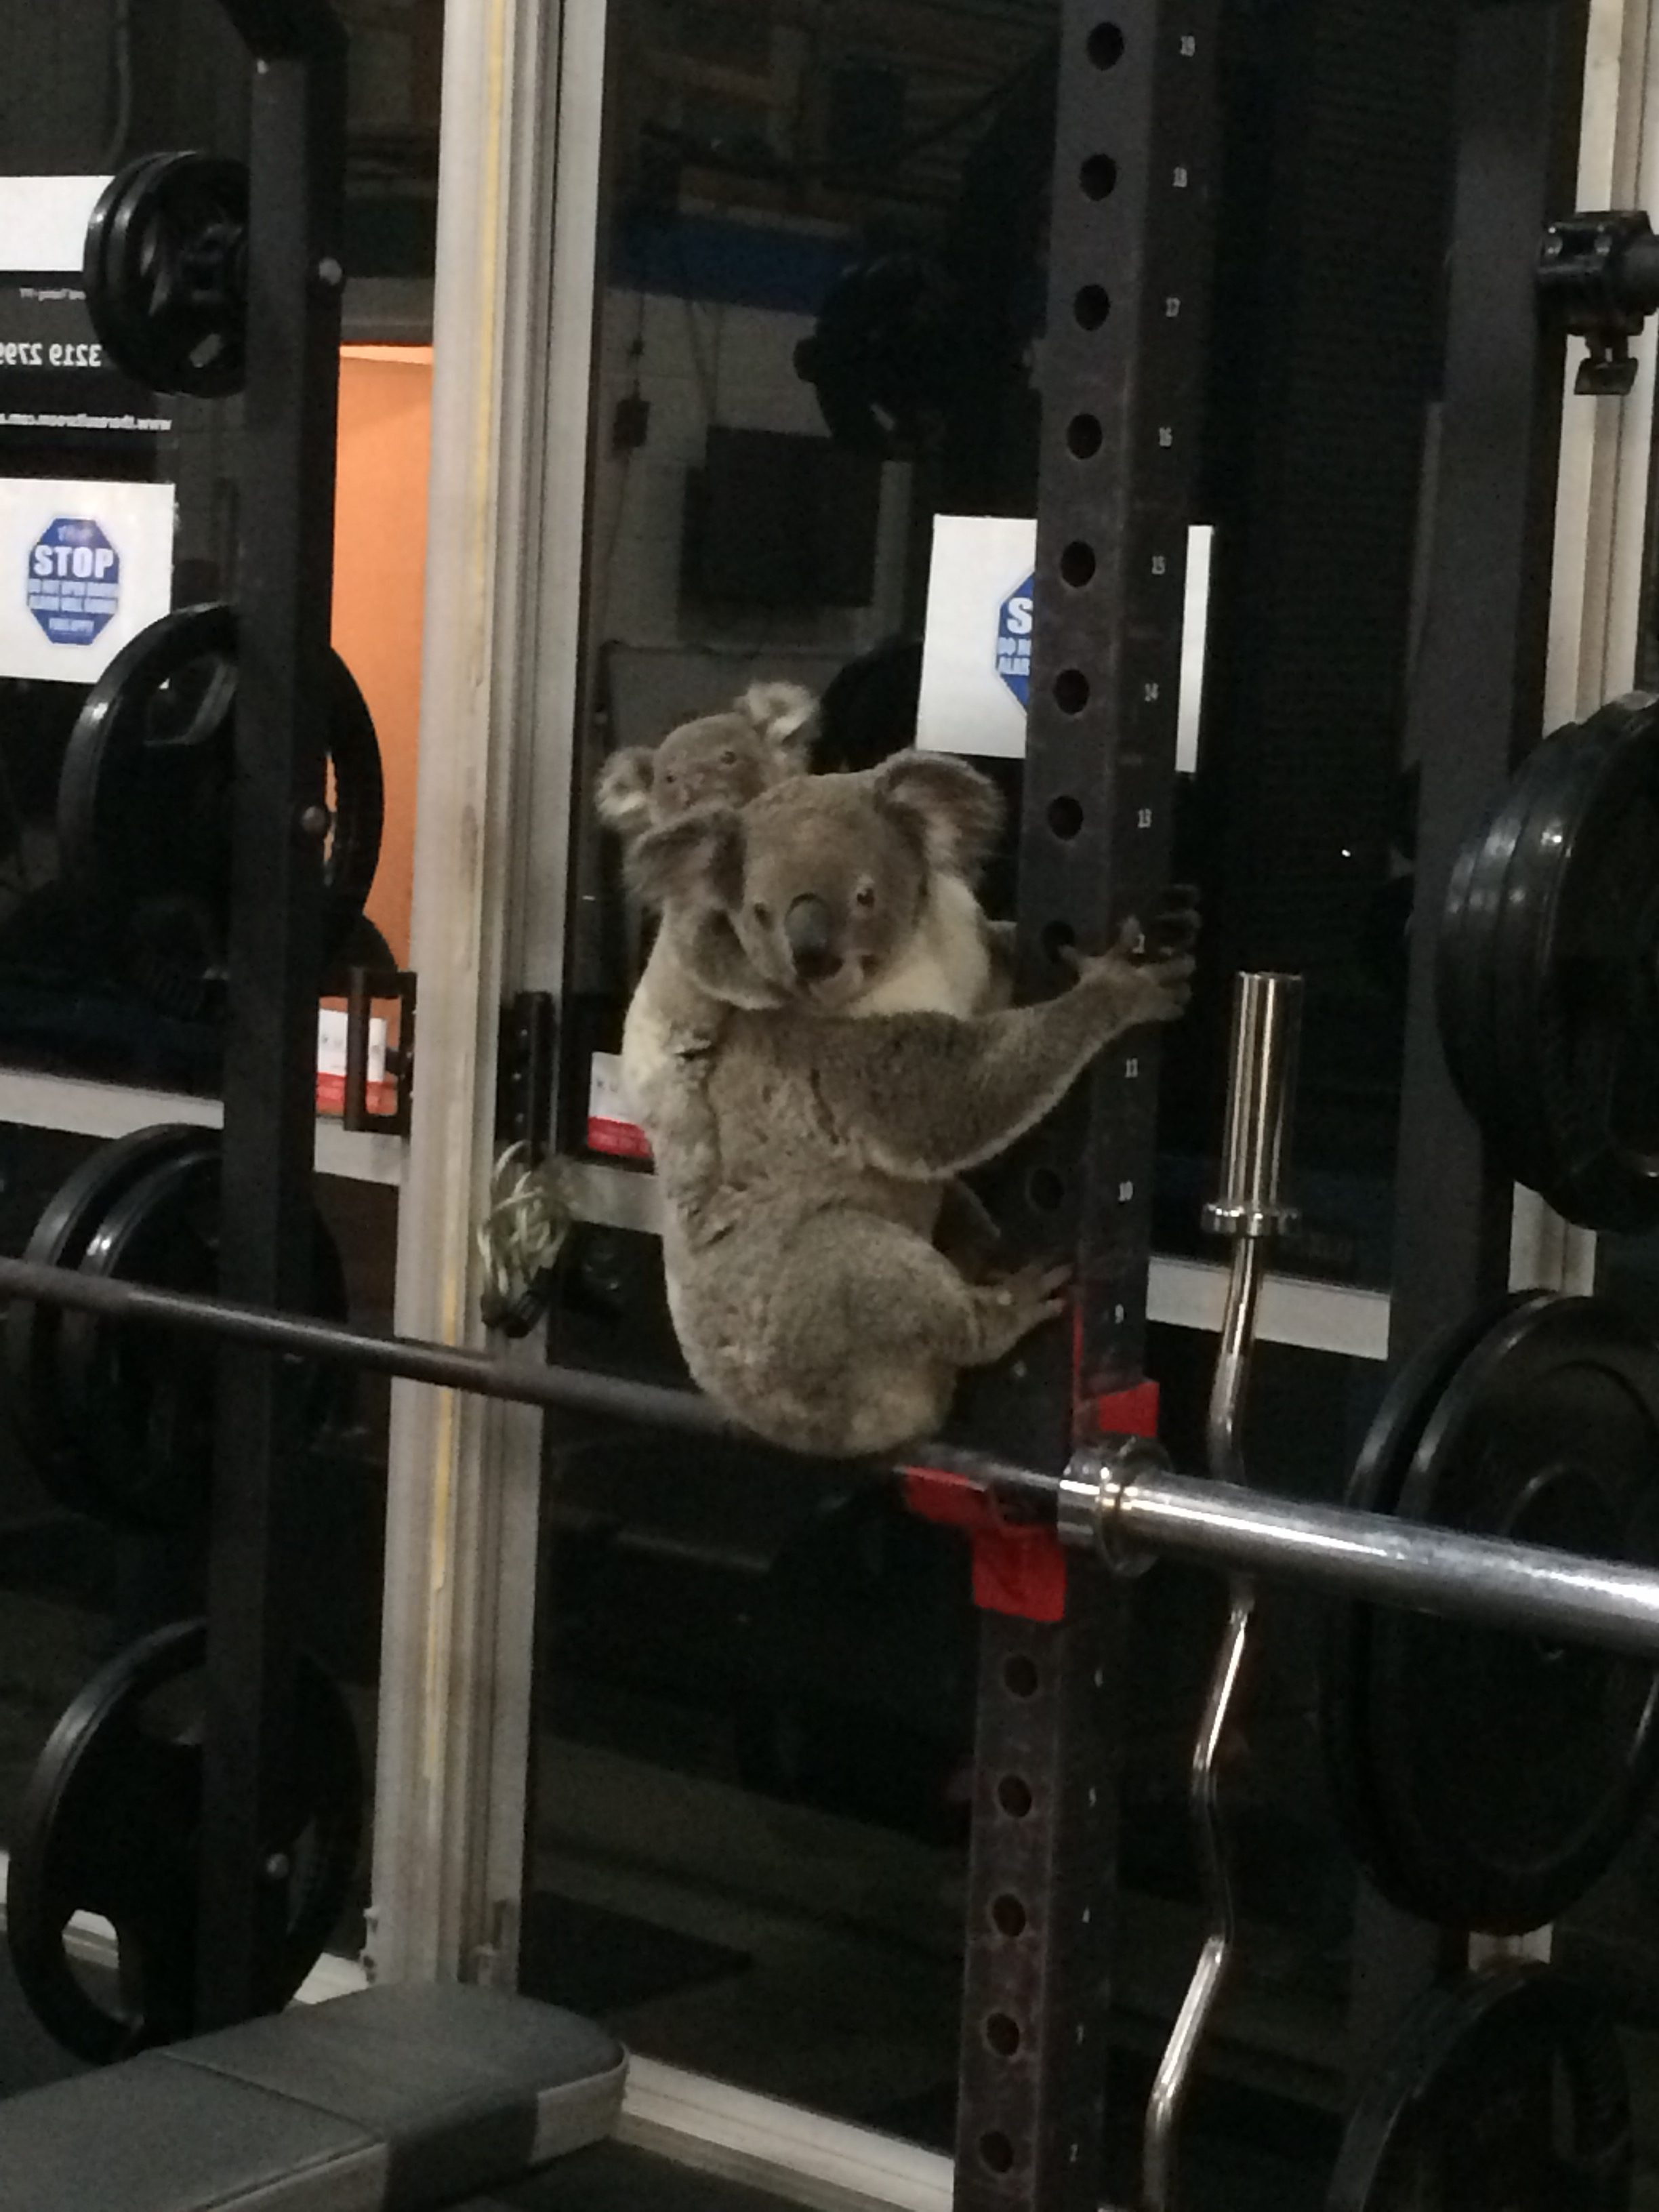 Lorsque les koalas perdent leurs arbres, ils errent souvent à la recherche de nouveaux habitats. Cette mère koala a atterri avec son petit dans une salle de gym.